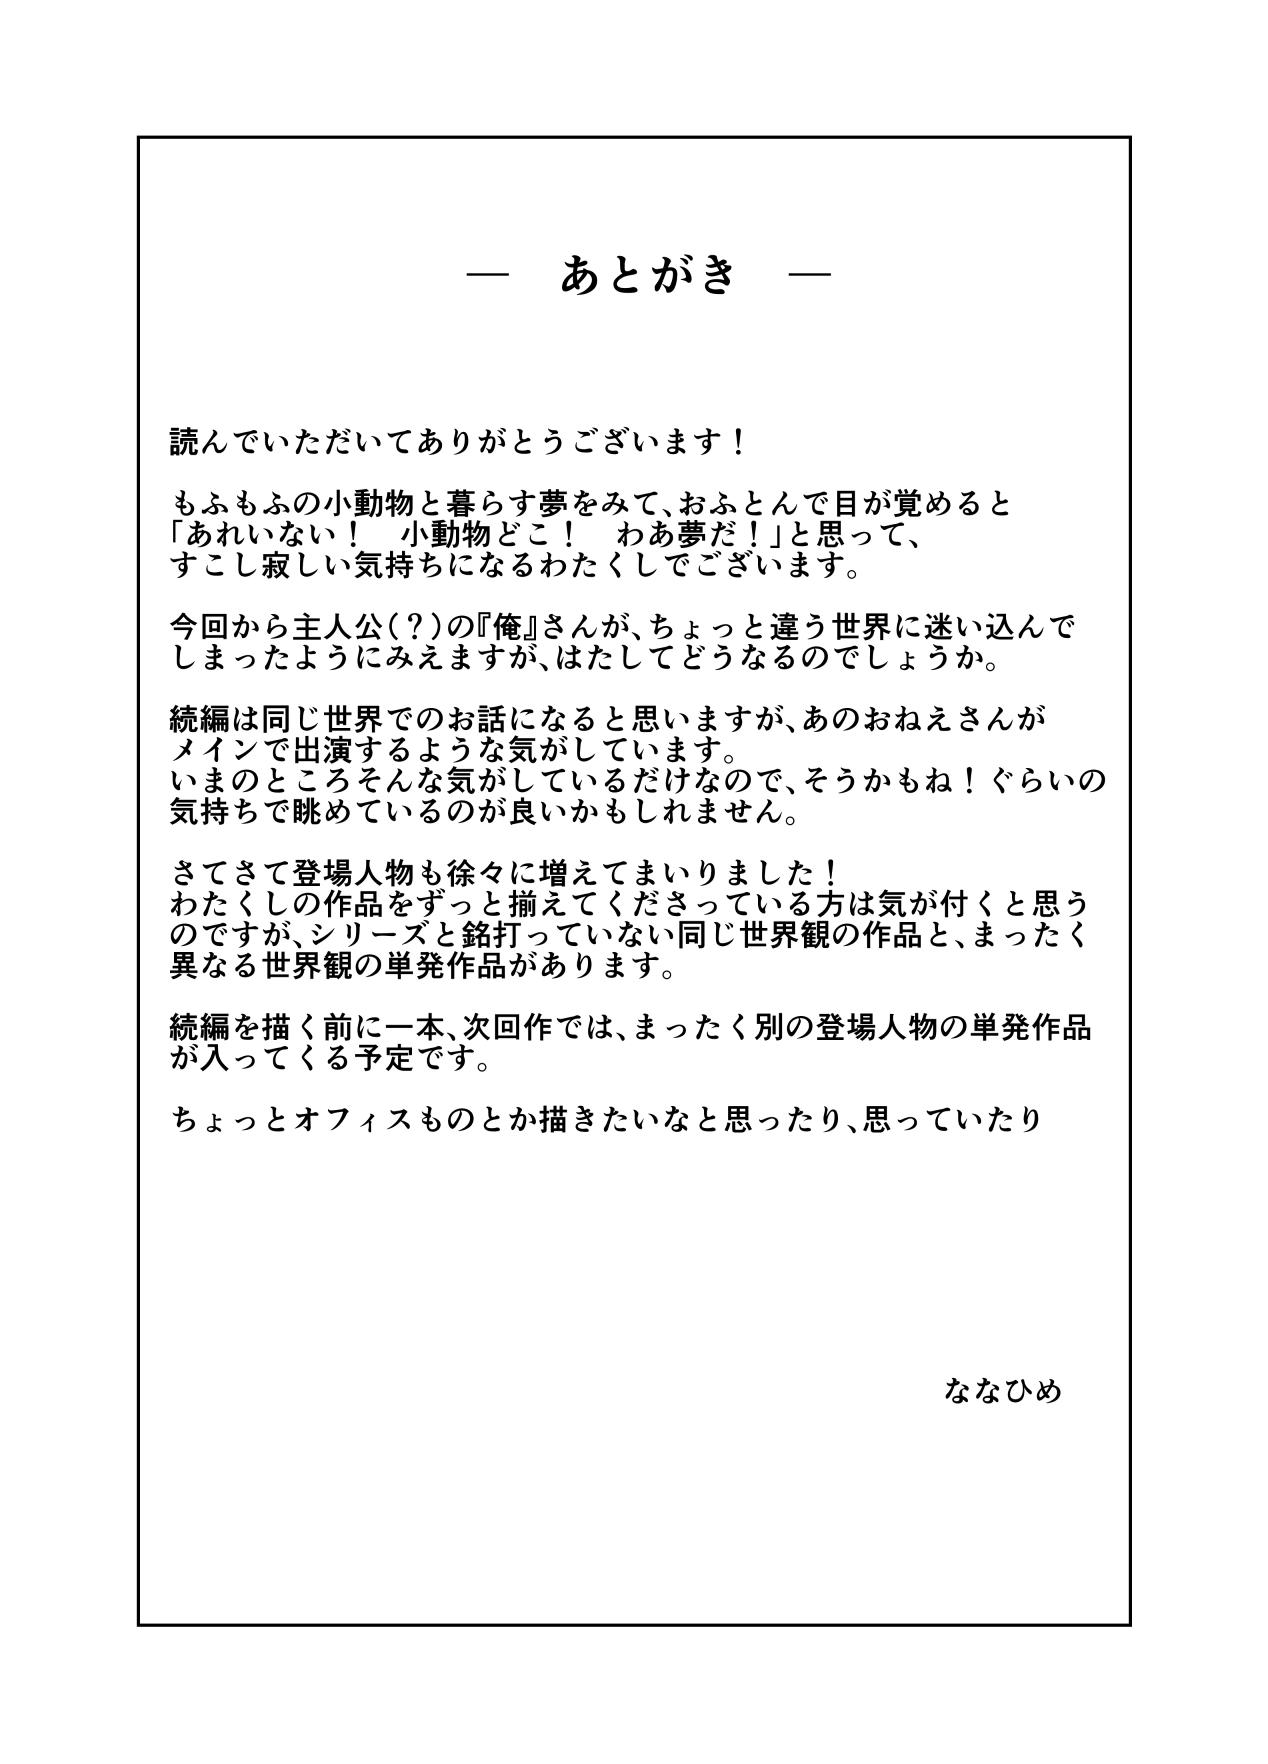 風紀ちゃん ききいっぱつ!! 96